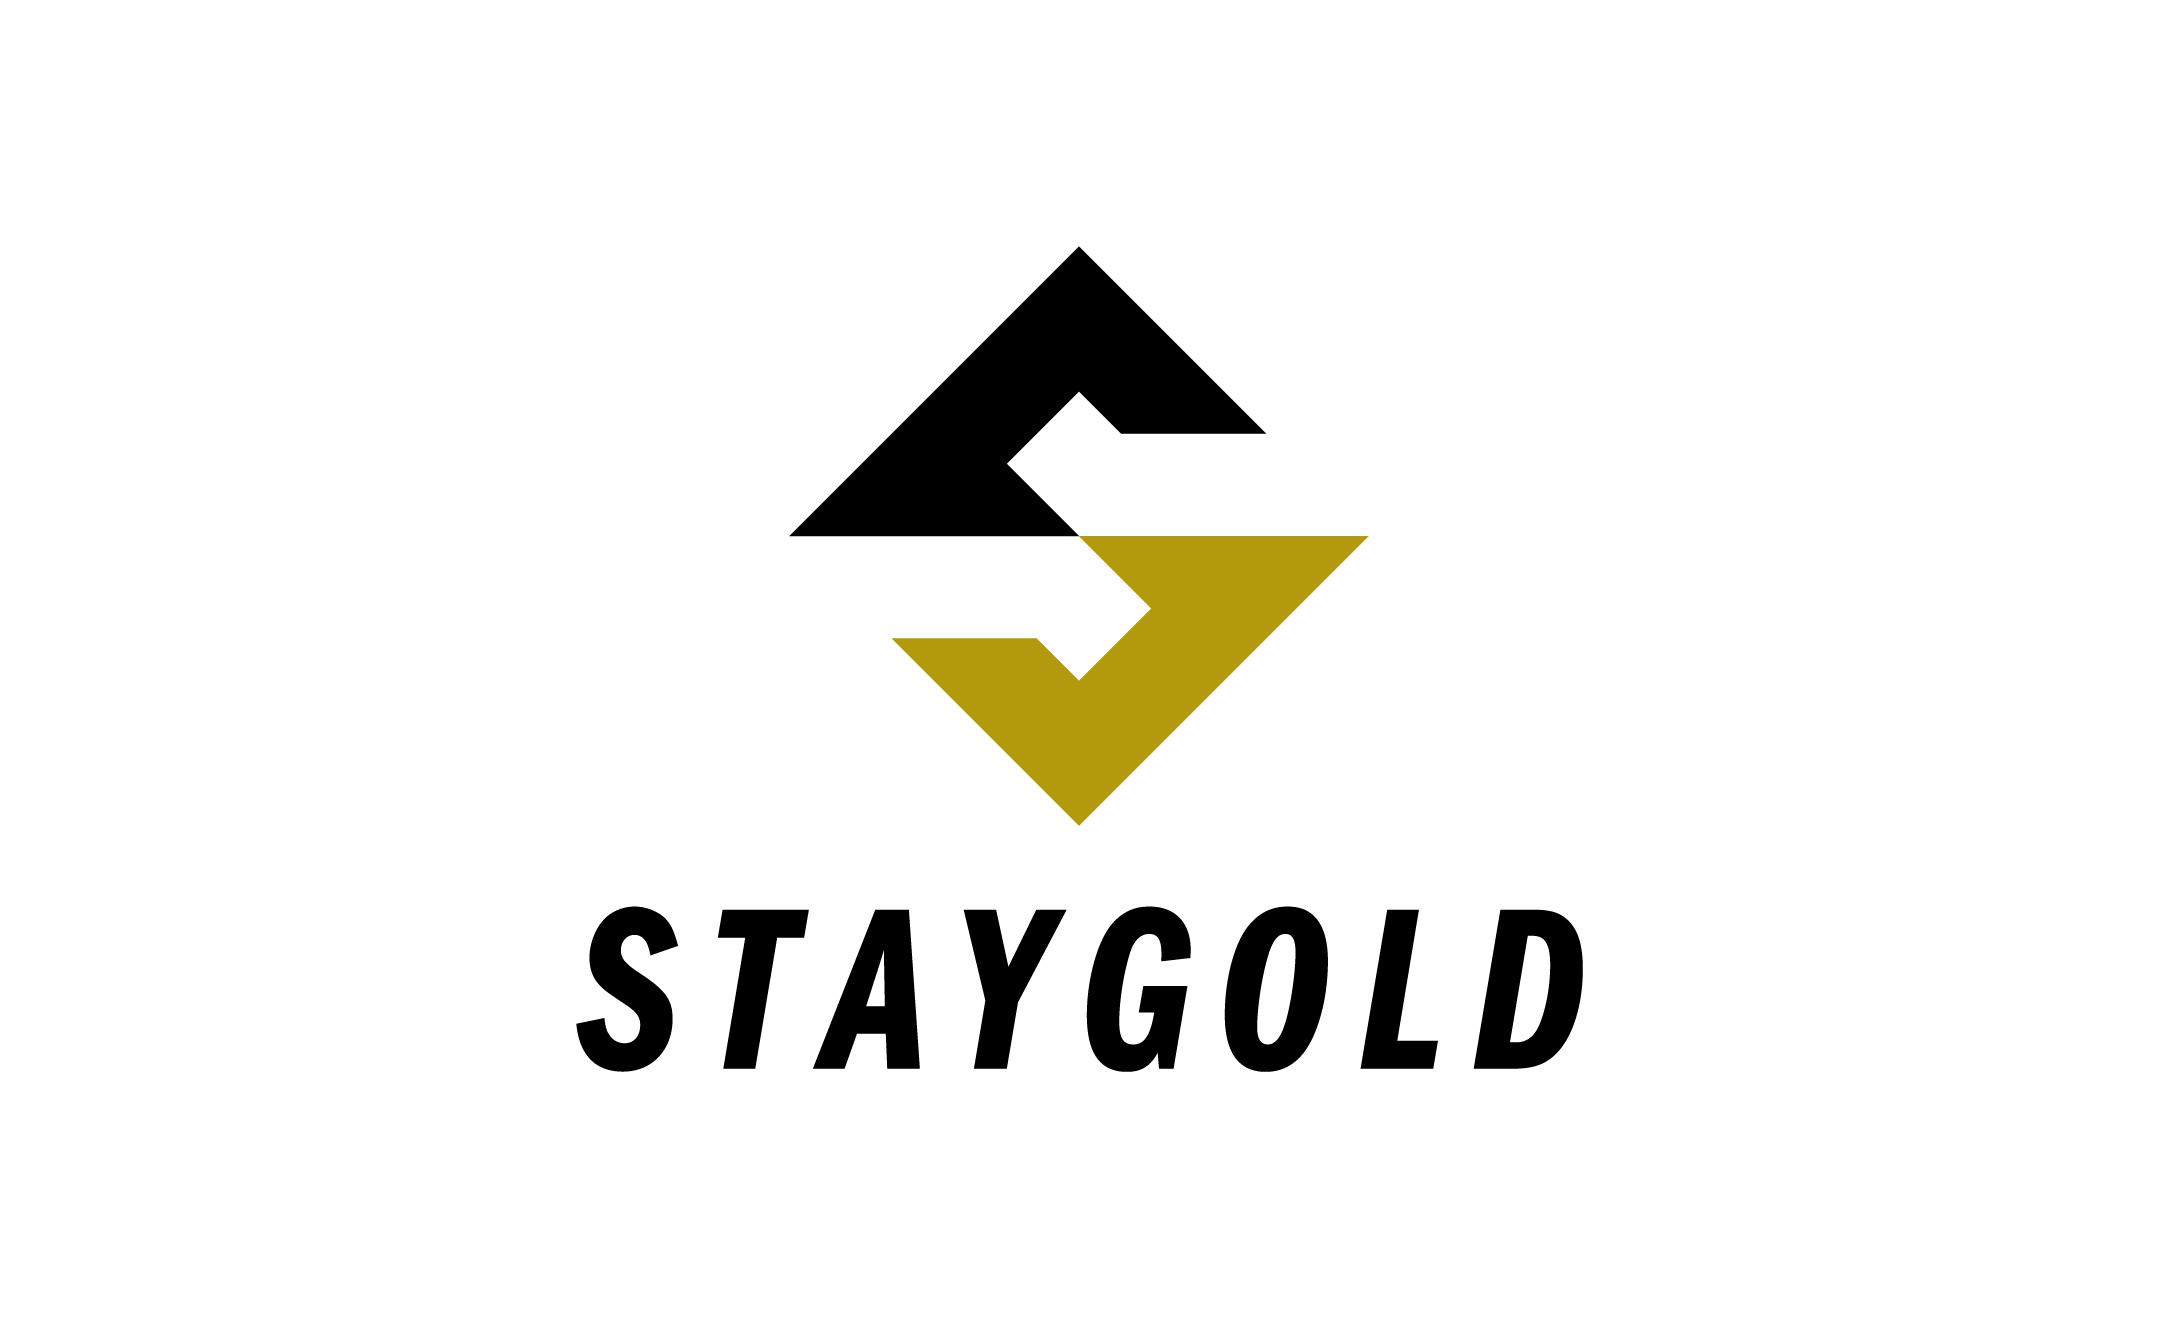 リユース事業 STAYGOLD 企業ロゴ・ブランドロゴ制作